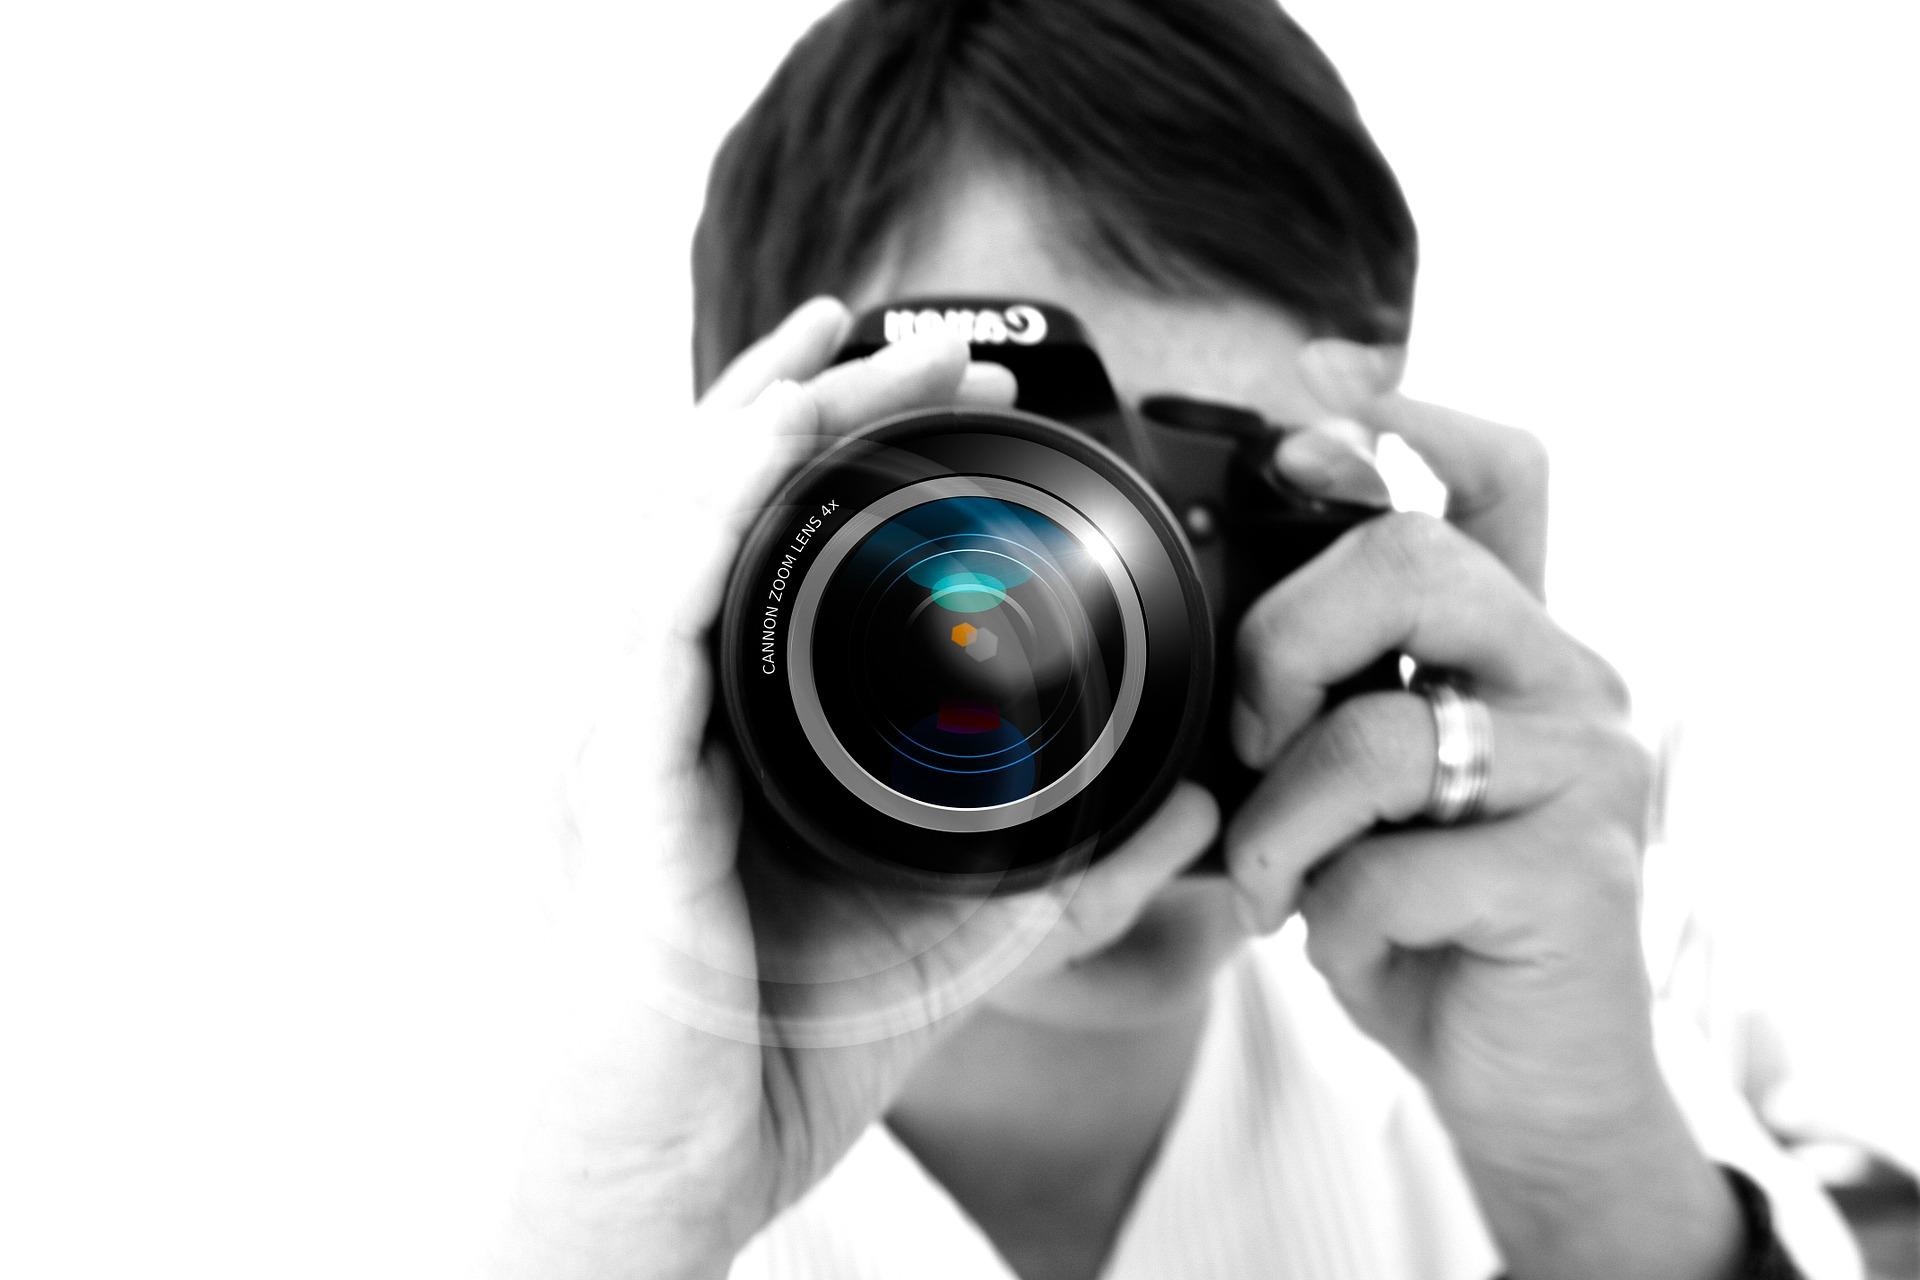 Novinky ze světa fototechniky aneb lídři představili nové zrcadlovky